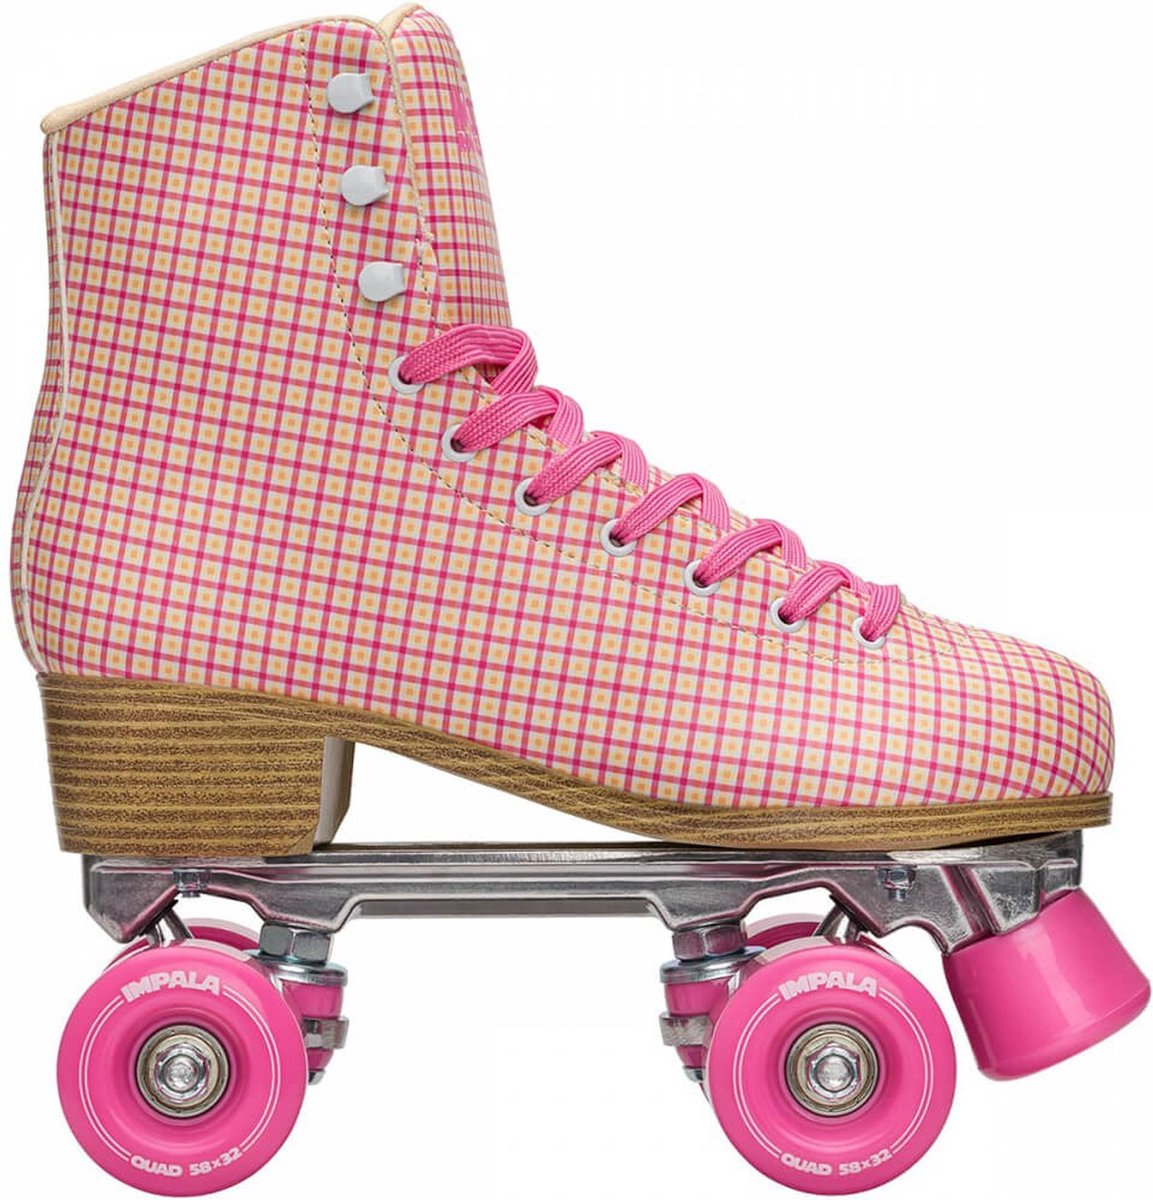 Impala Rolschaatsen - Maat 39Kinderen en volwassenen - roze - geel - wit